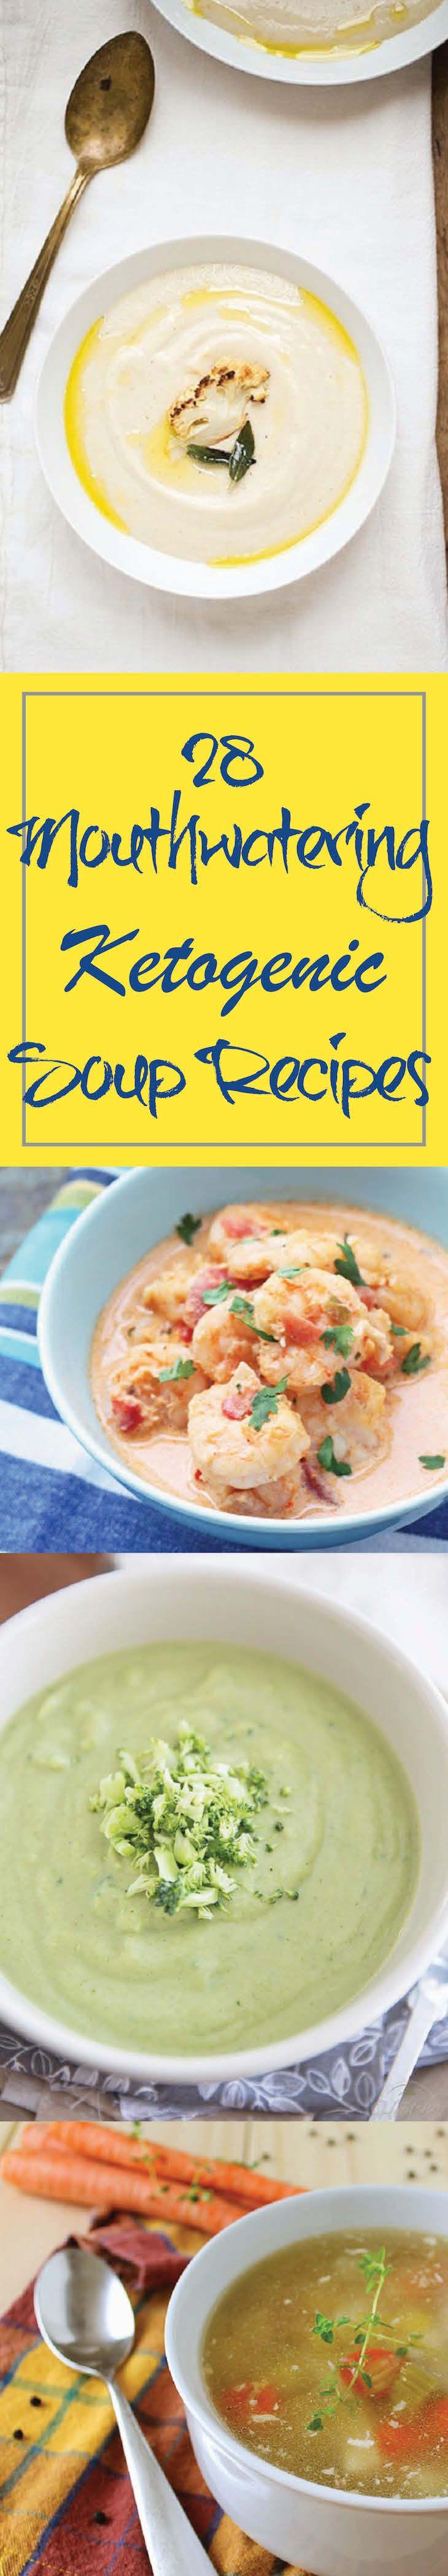 28 Ketogenic Soup Recipes http://paleomagazine.com/ketogenic-soup-recipes